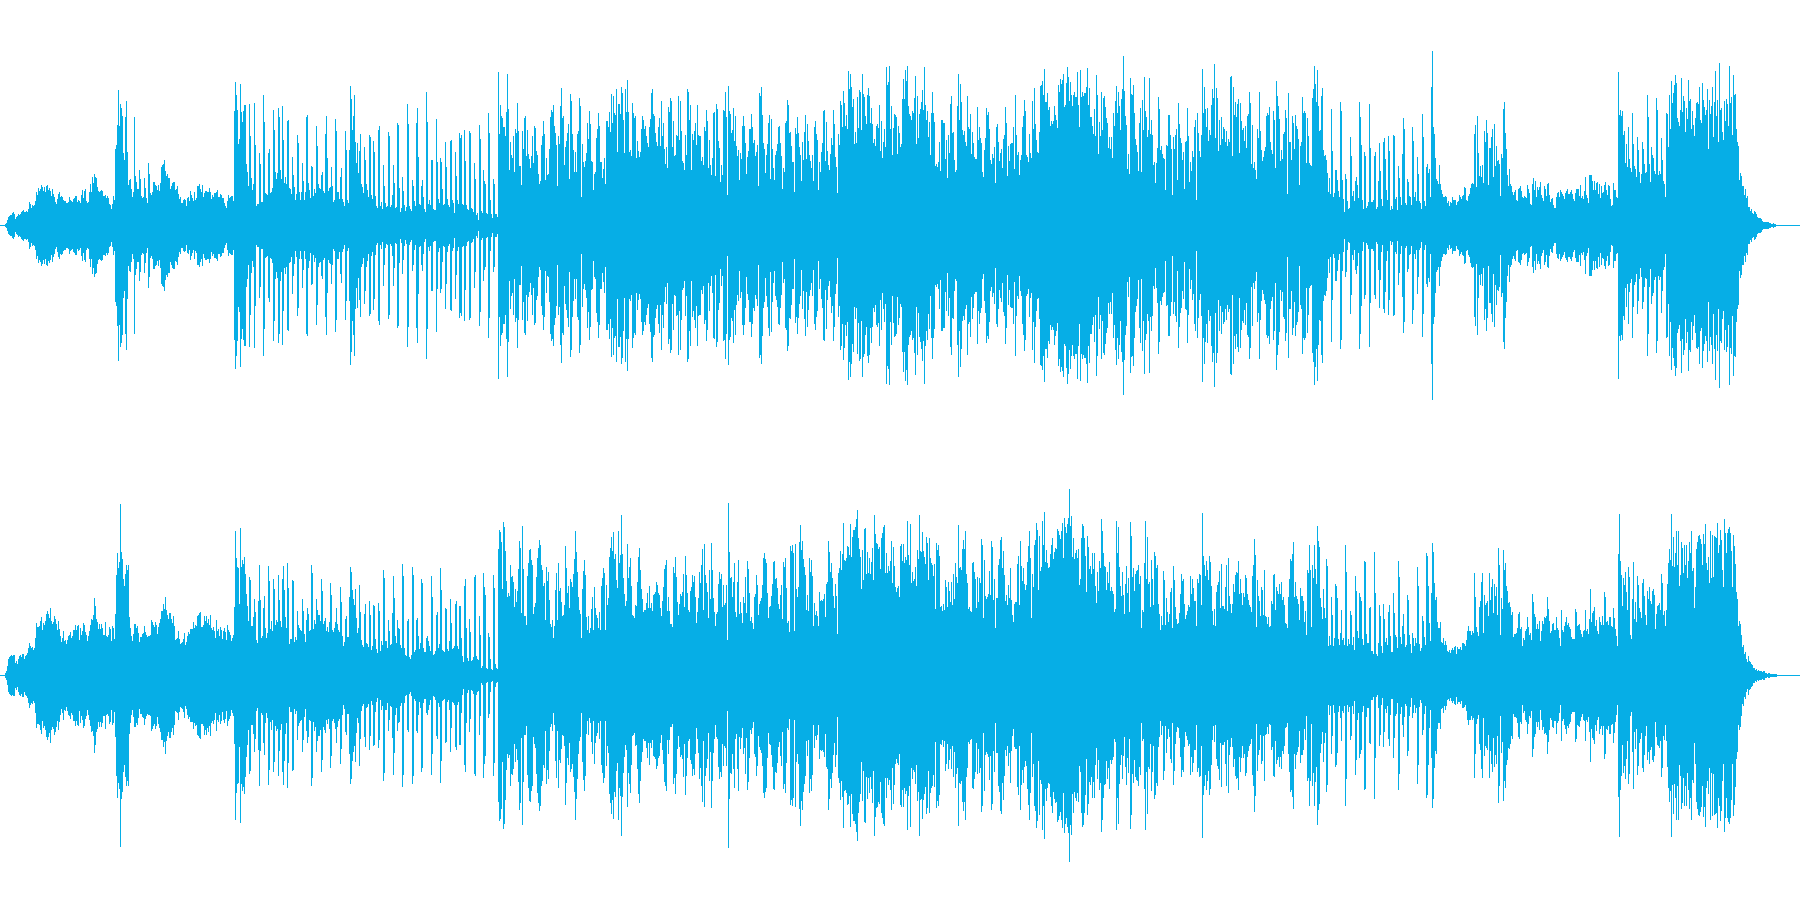 何かが起こりそうな予兆をイメージしてみ…の再生済みの波形